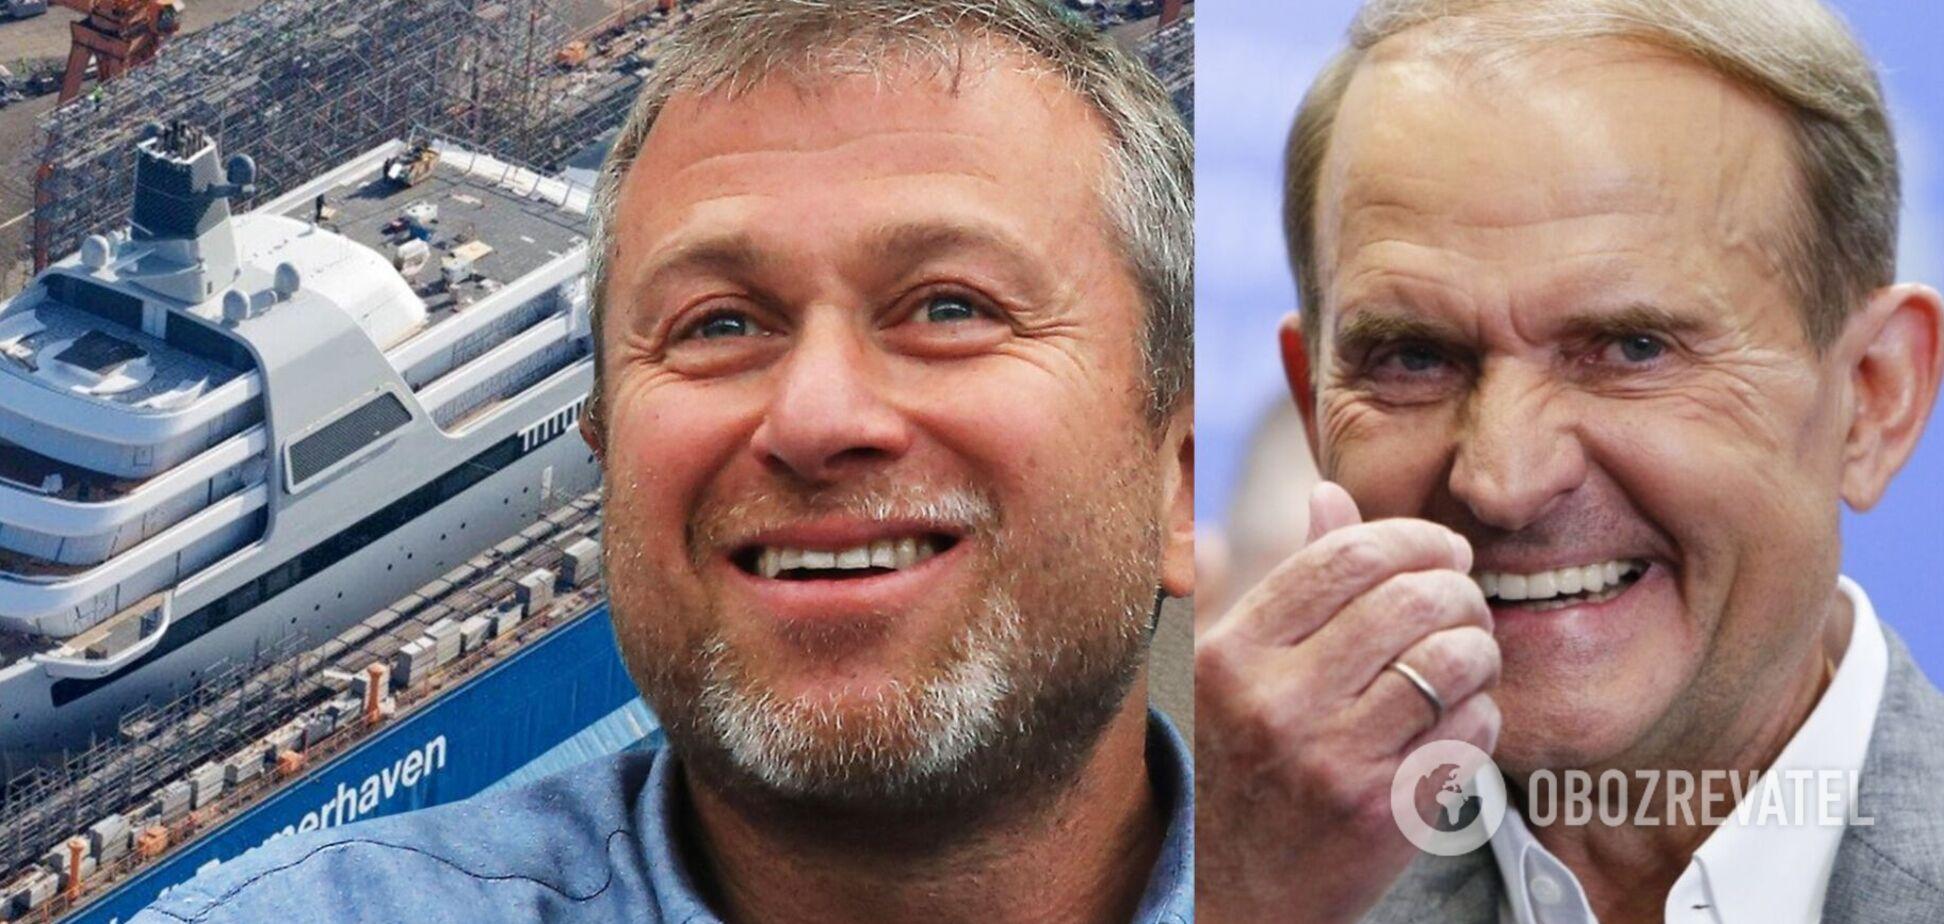 Роскошные яхты Медведчука, Абрамовича и других: как выглядят самые дорогие судна в мире